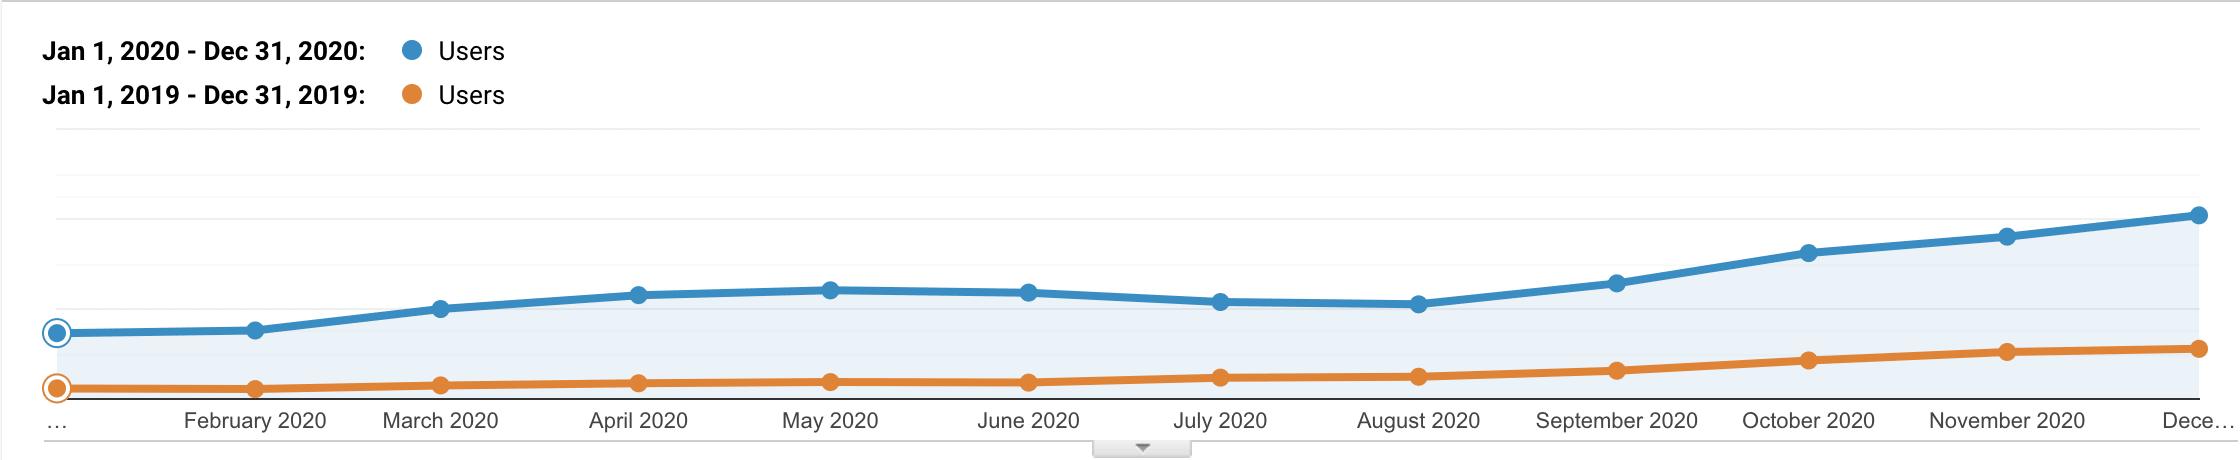 Kinsta NL organisch verkeer 2019 vs 2020